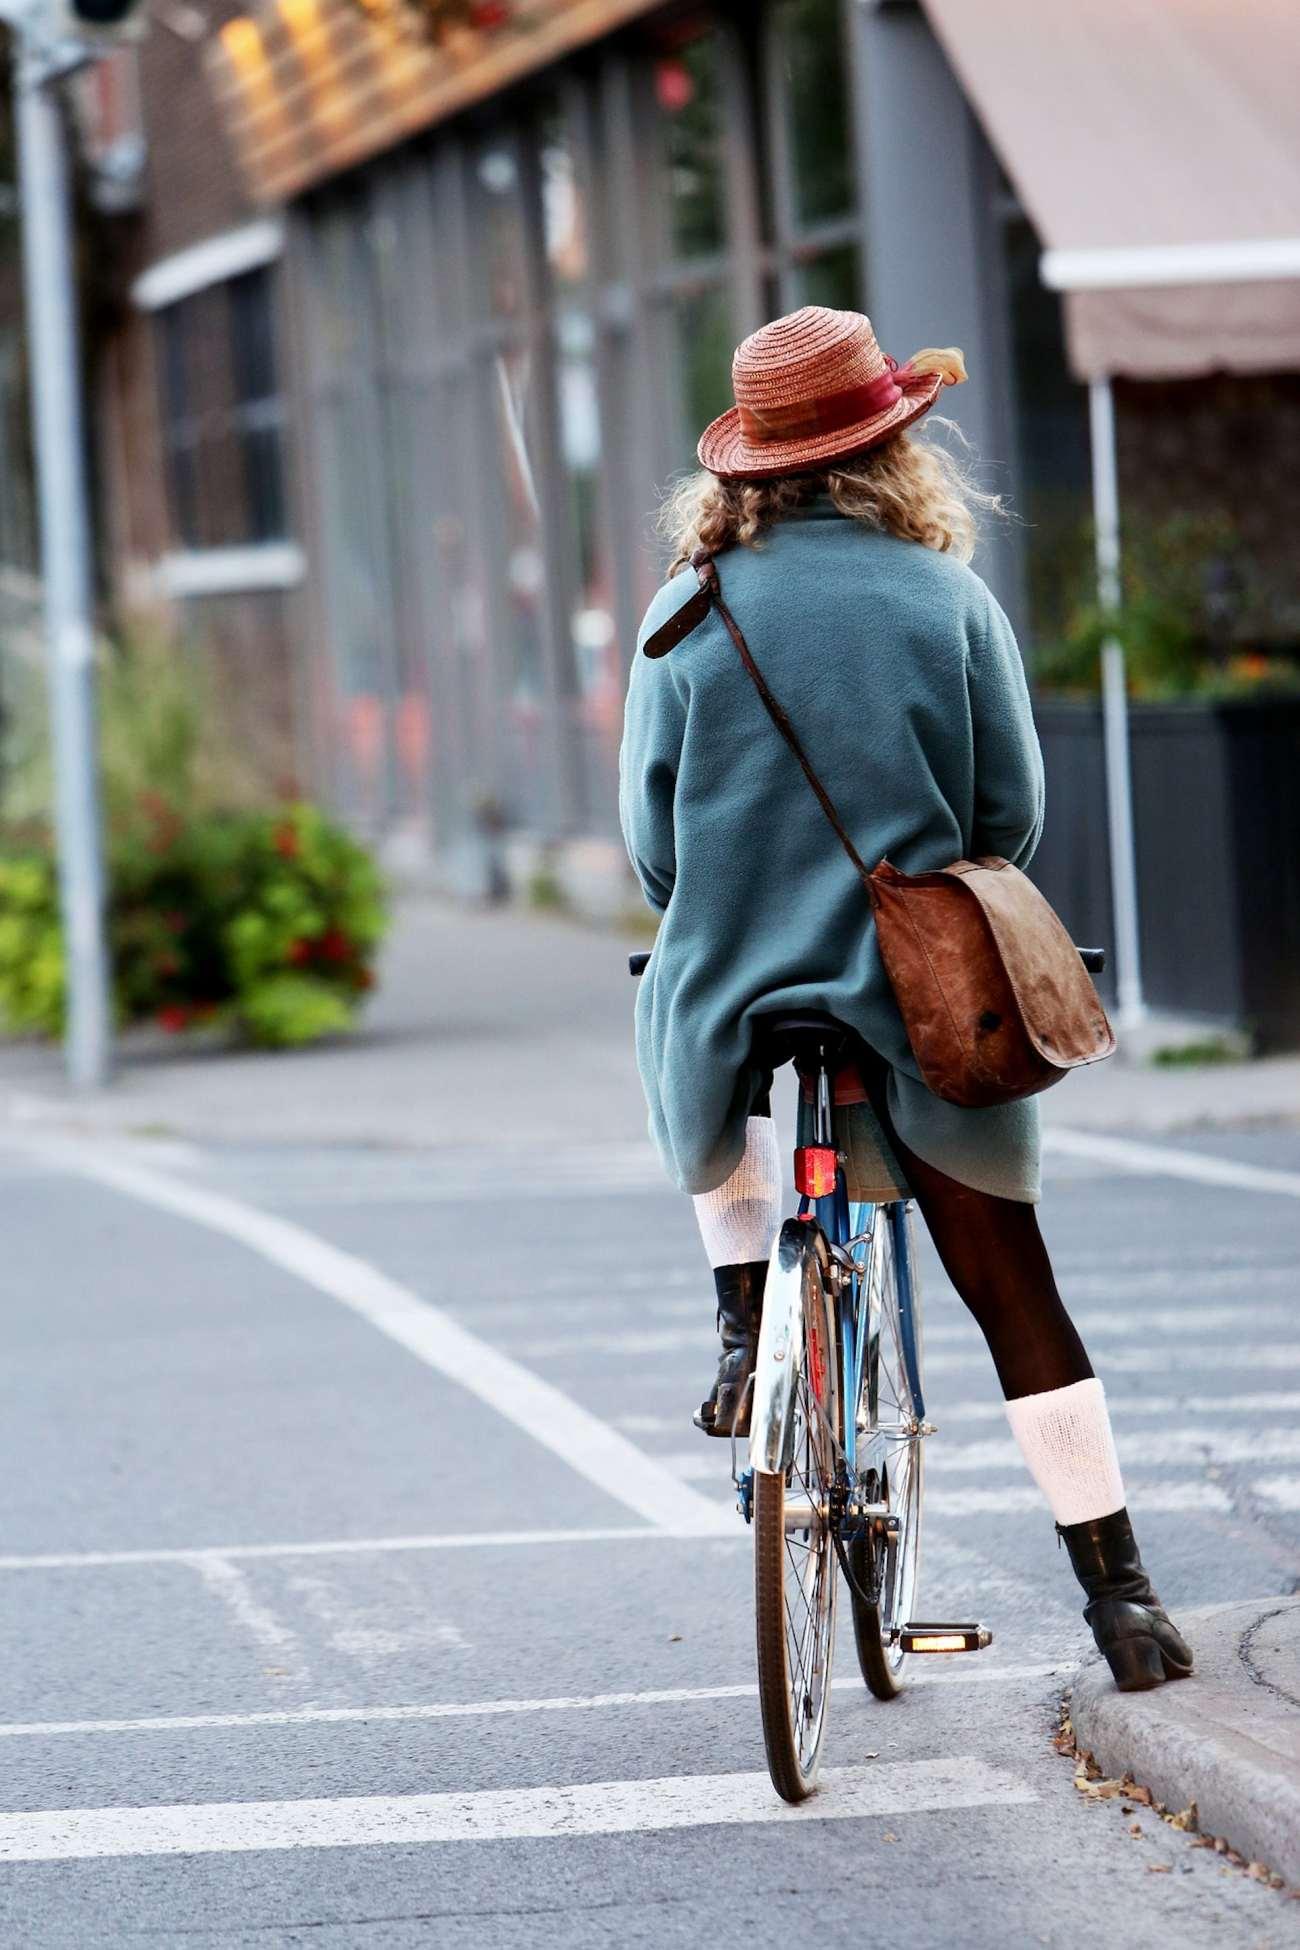 Donna con un cappello in bicicletta, ripresa da dietro